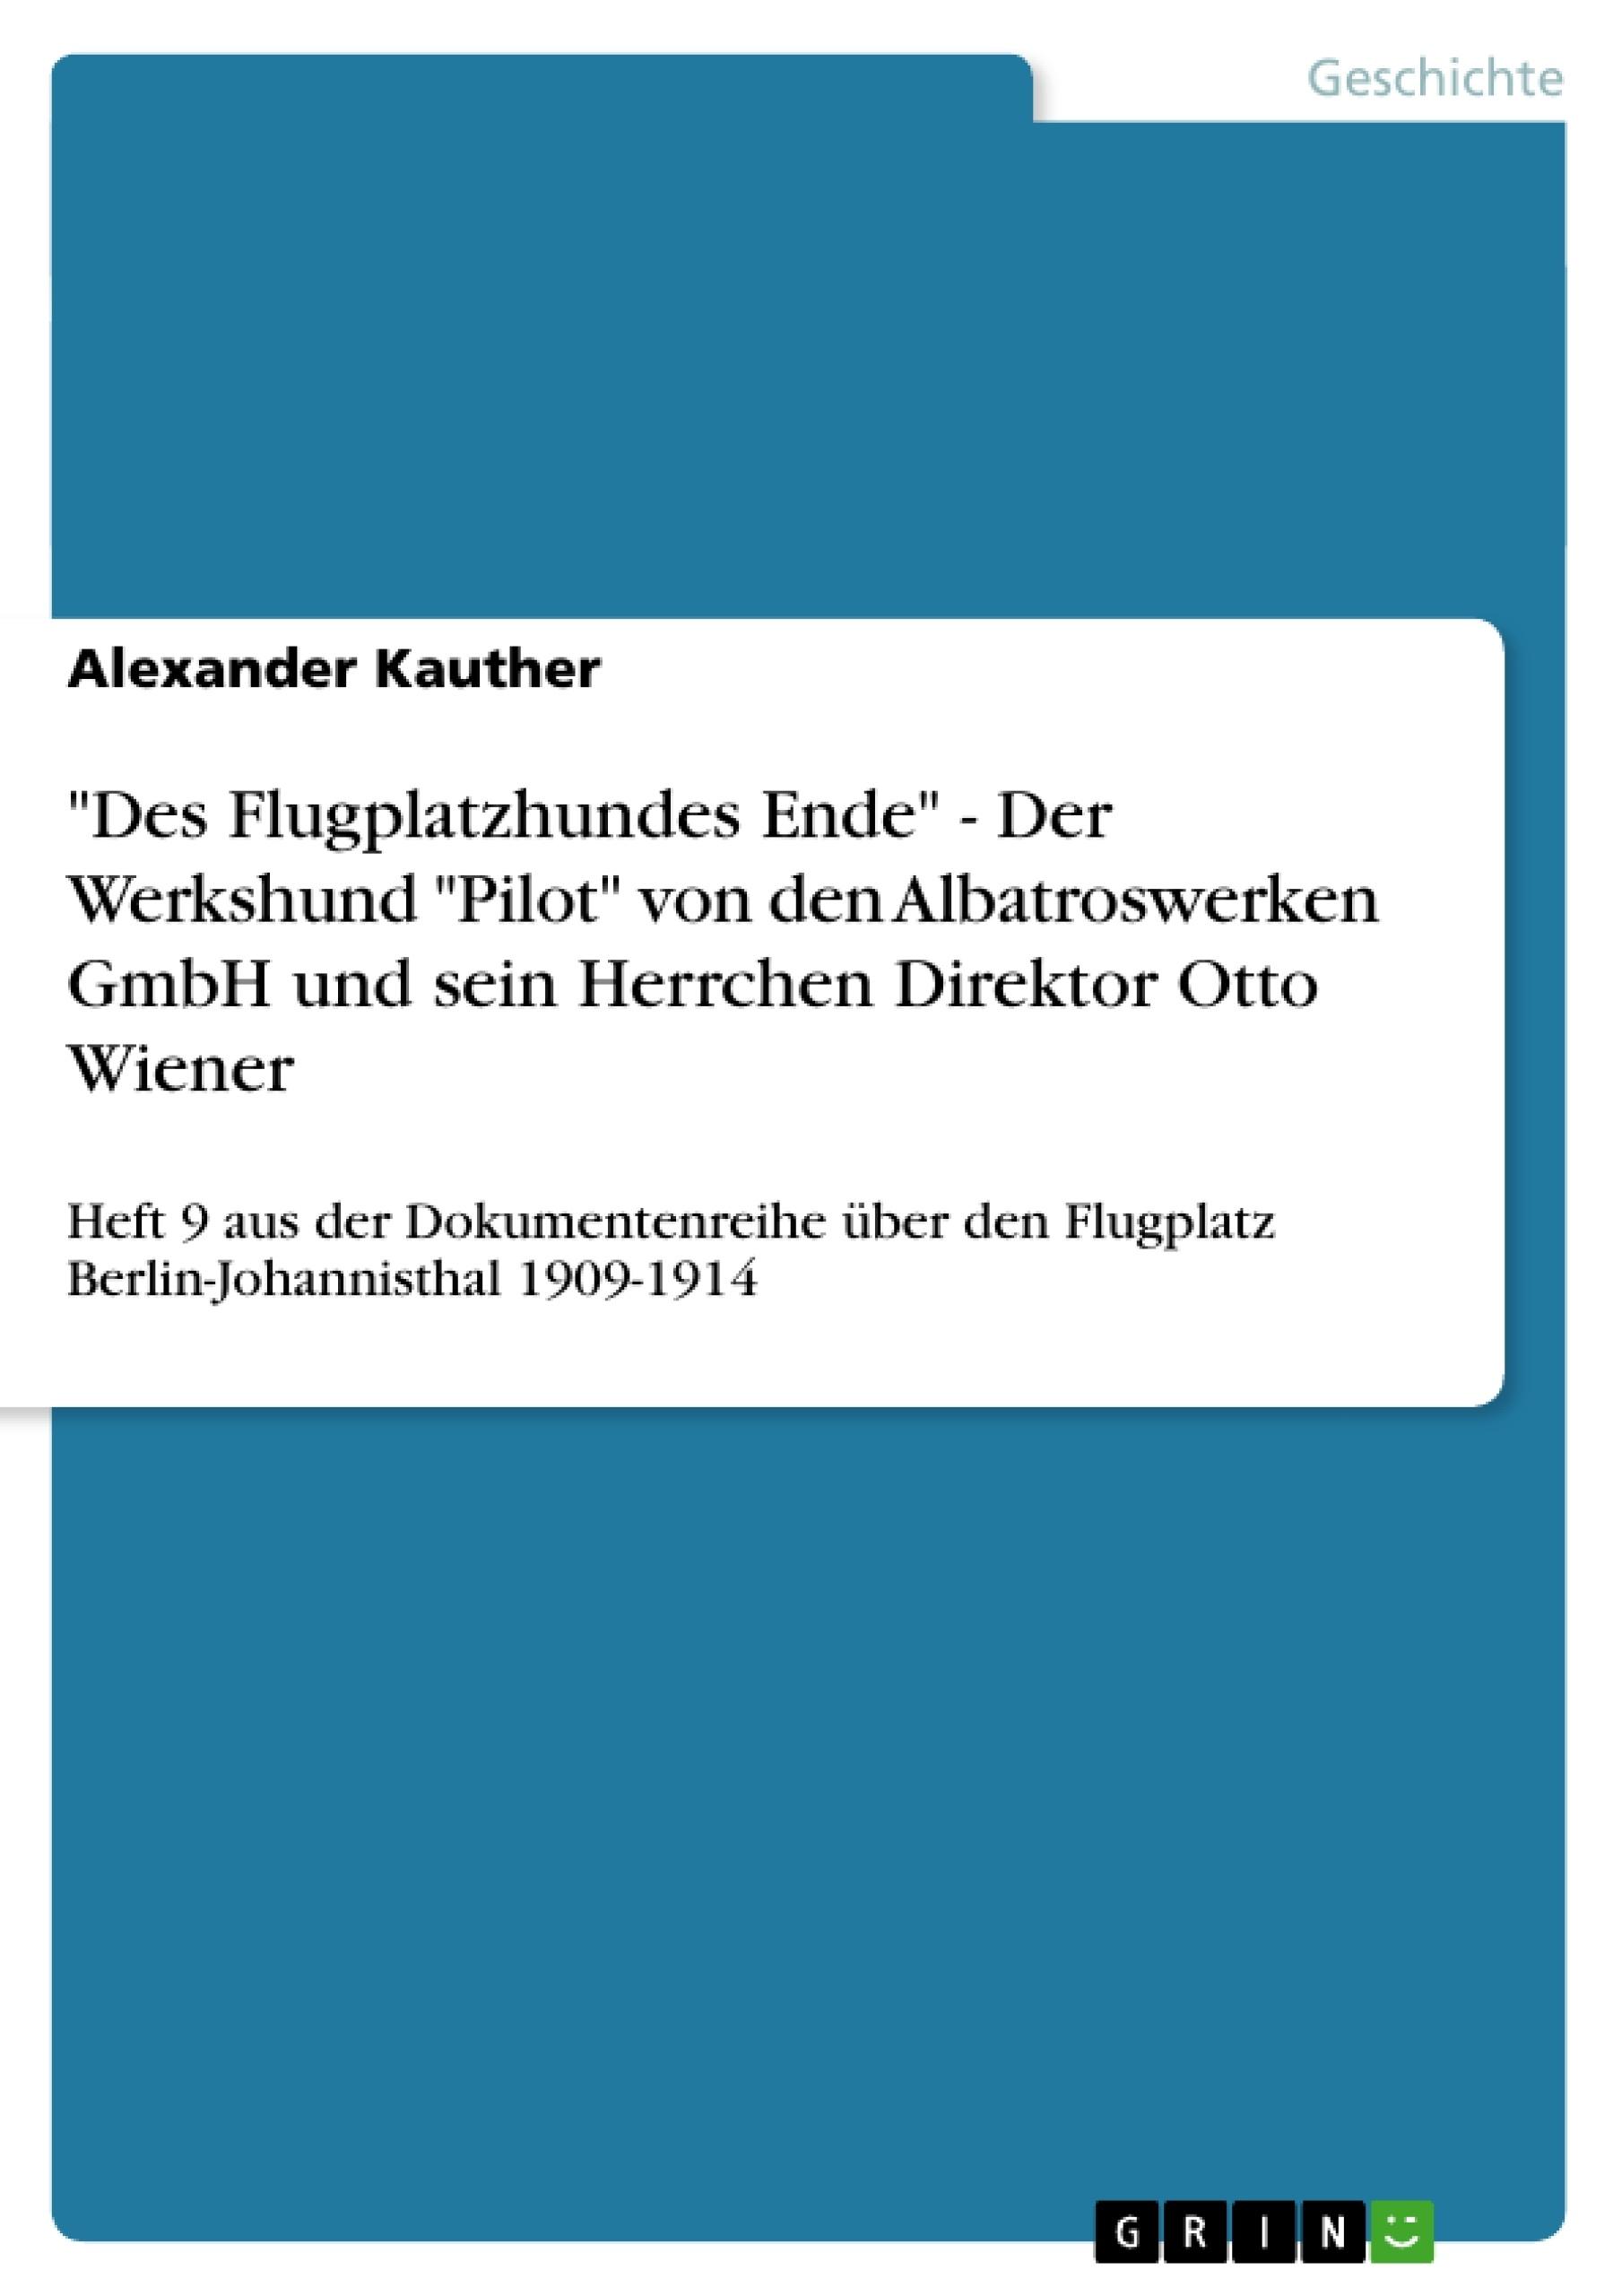 """Titel: """"Des Flugplatzhundes Ende"""" - Der Werkshund """"Pilot"""" von den Albatroswerken GmbH und sein Herrchen Direktor Otto Wiener"""